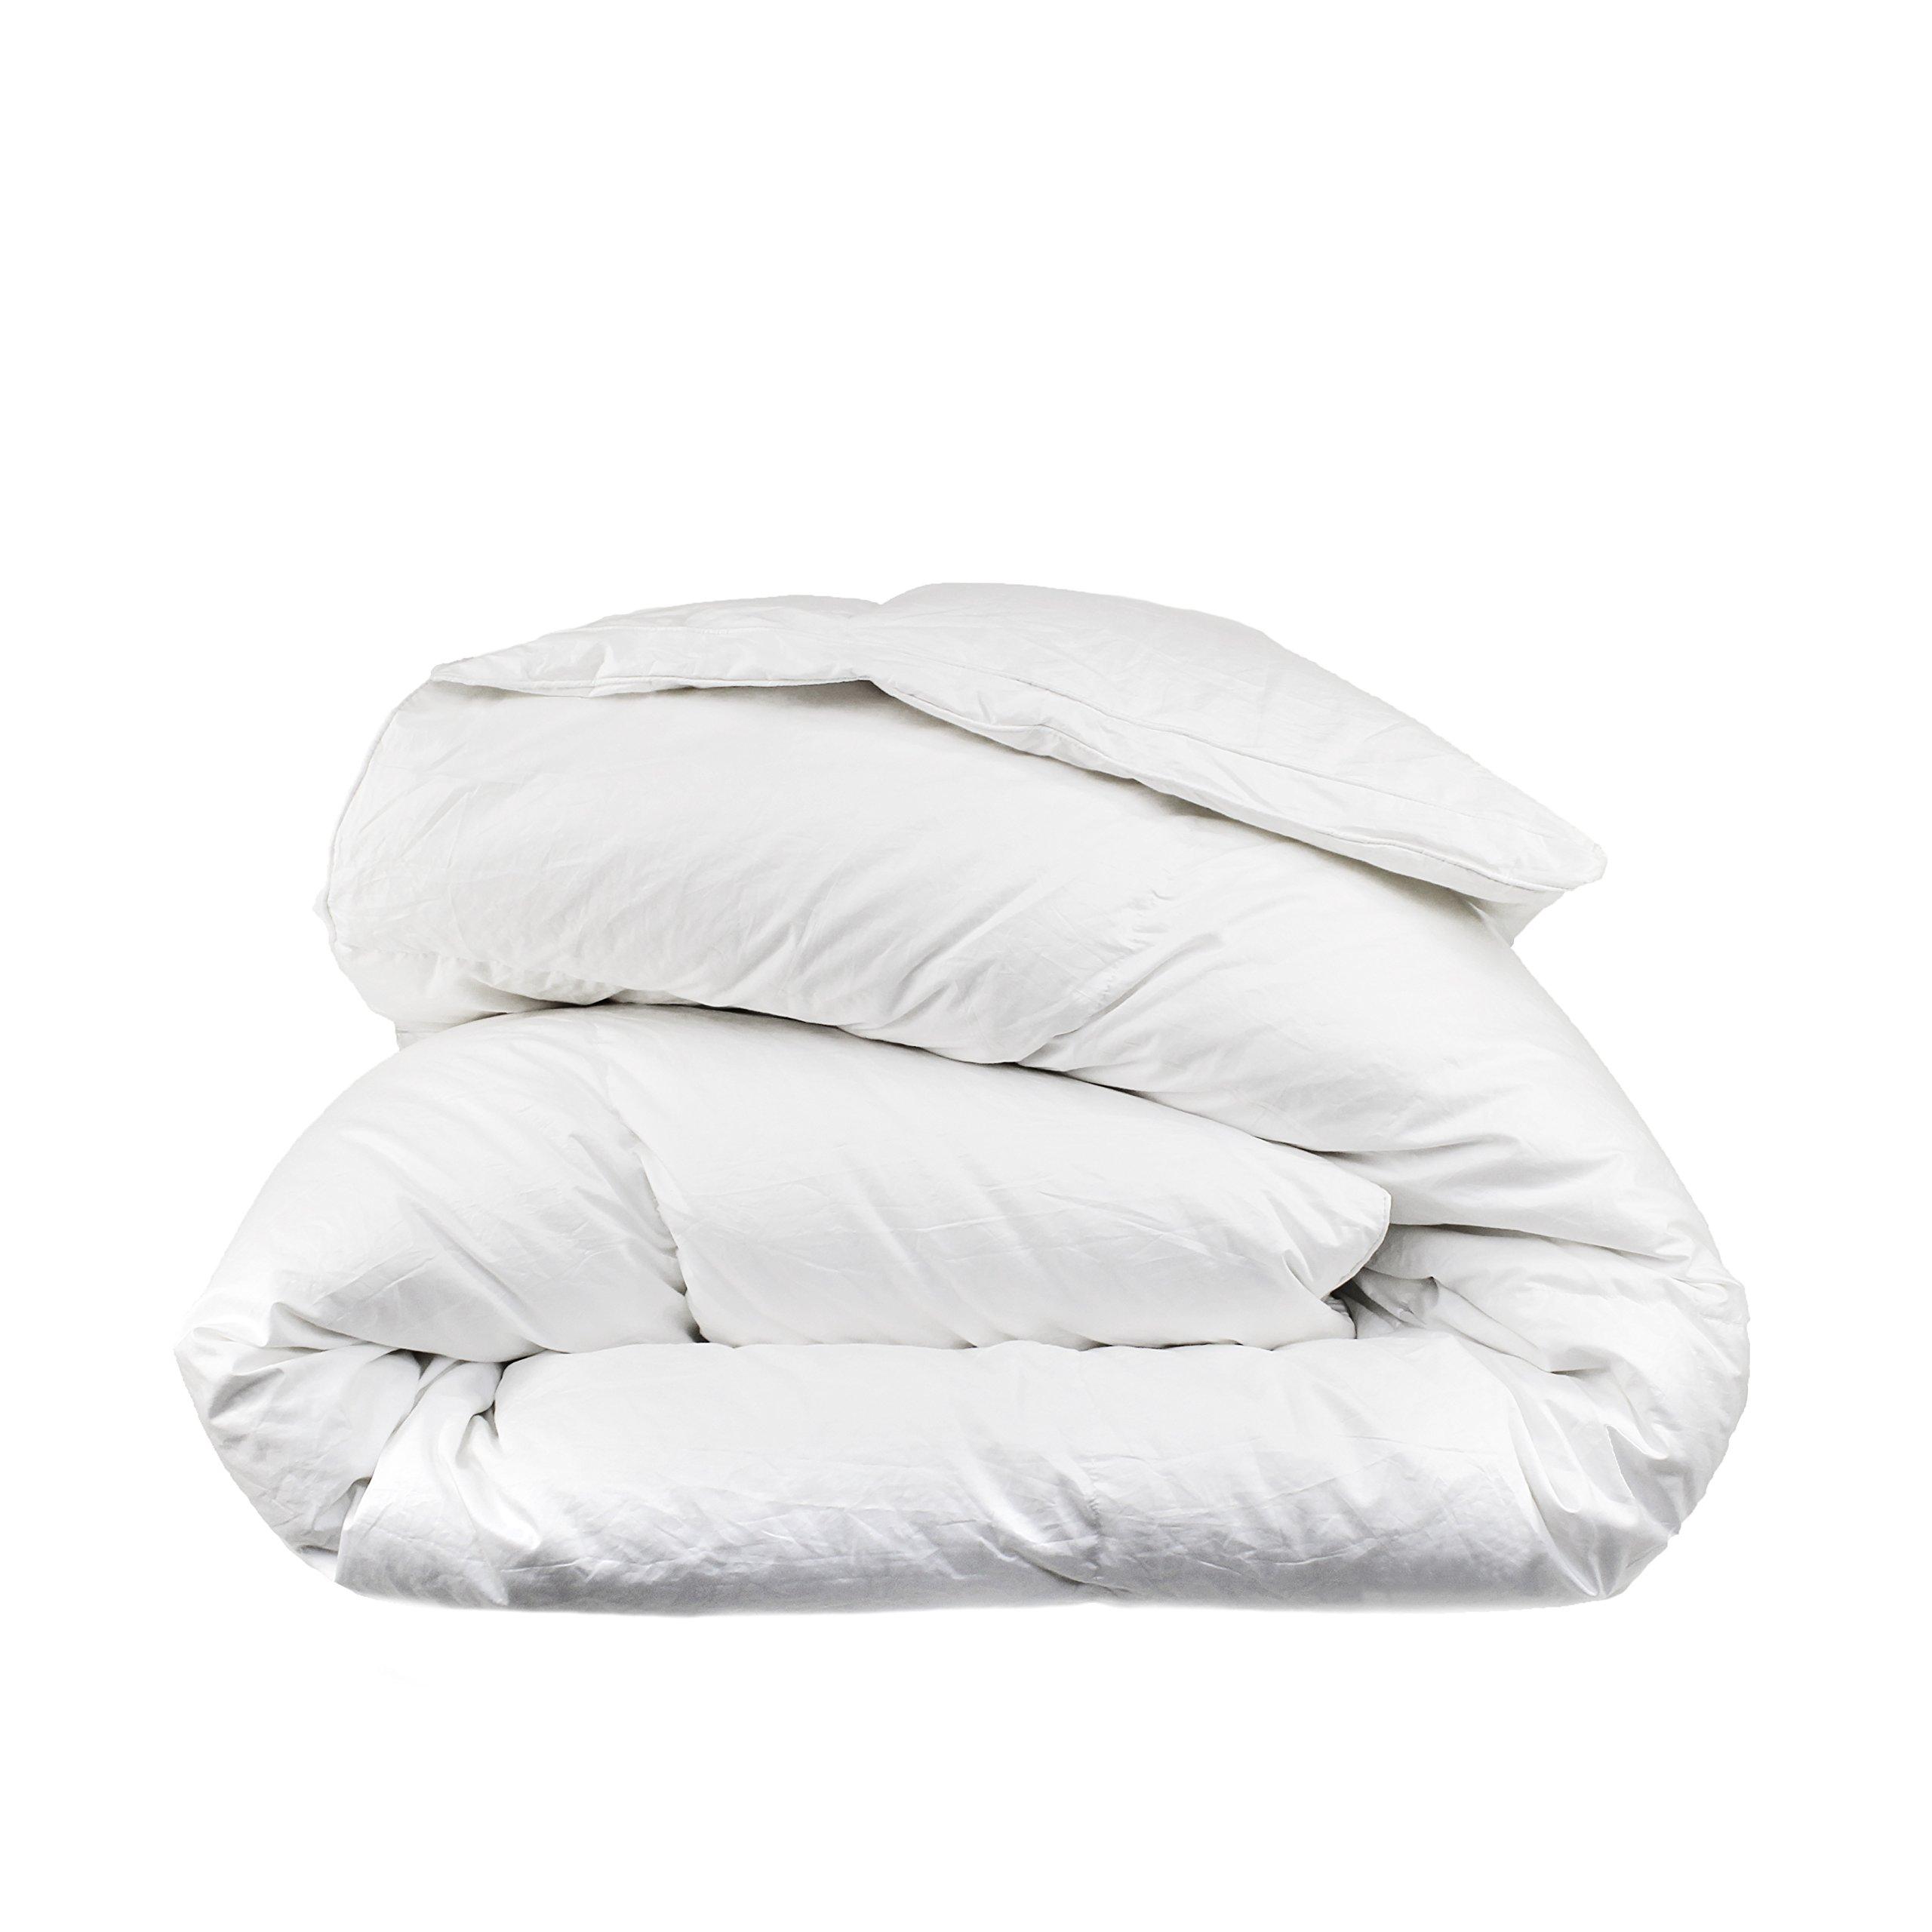 Melange Home Down Comforter Goose 600 Fill Power 310tc, Full, White